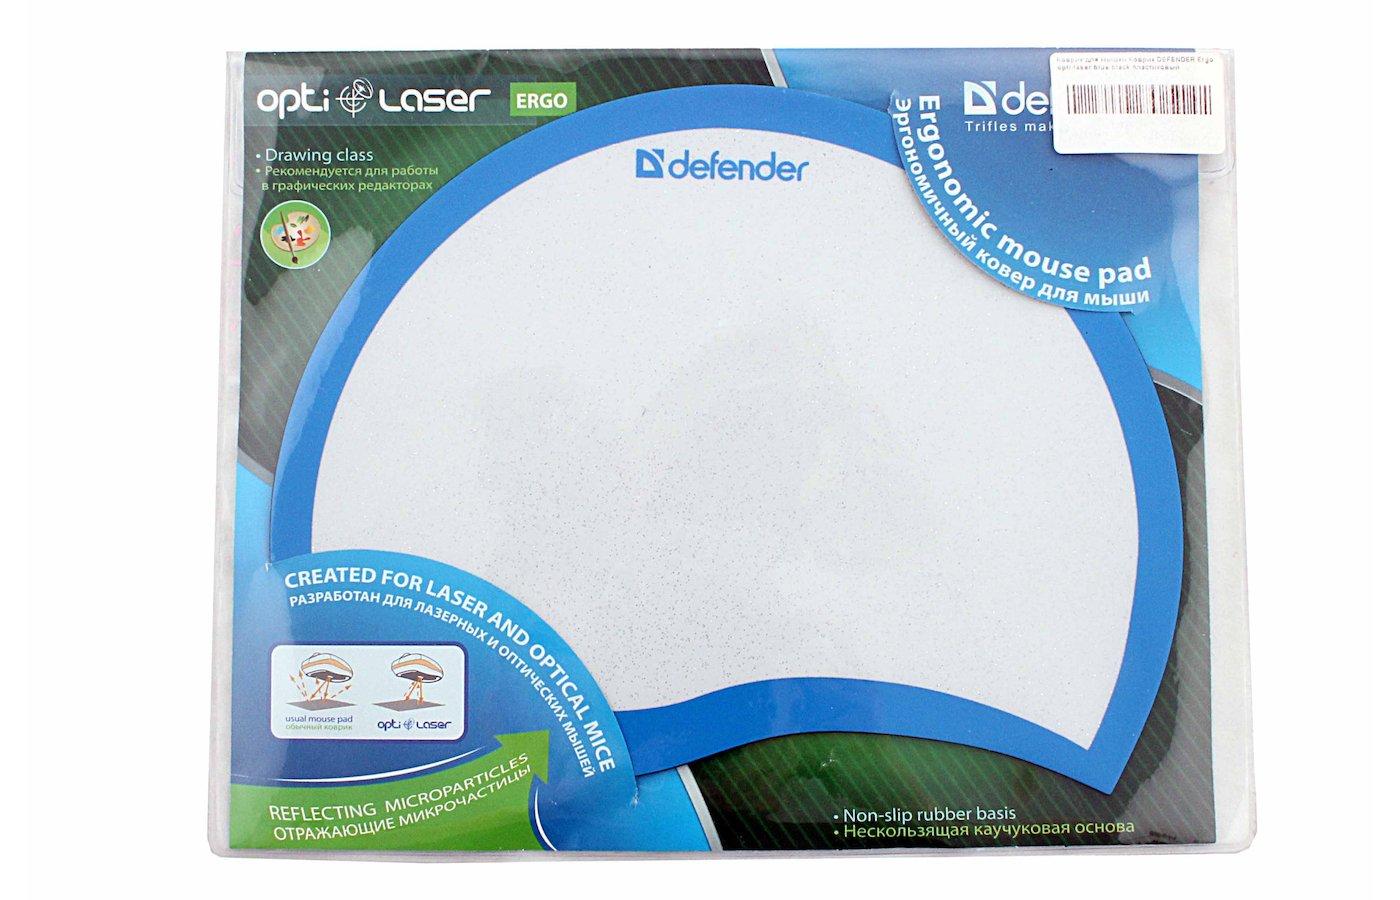 Коврик для мыши Defender Ergo opti-laser